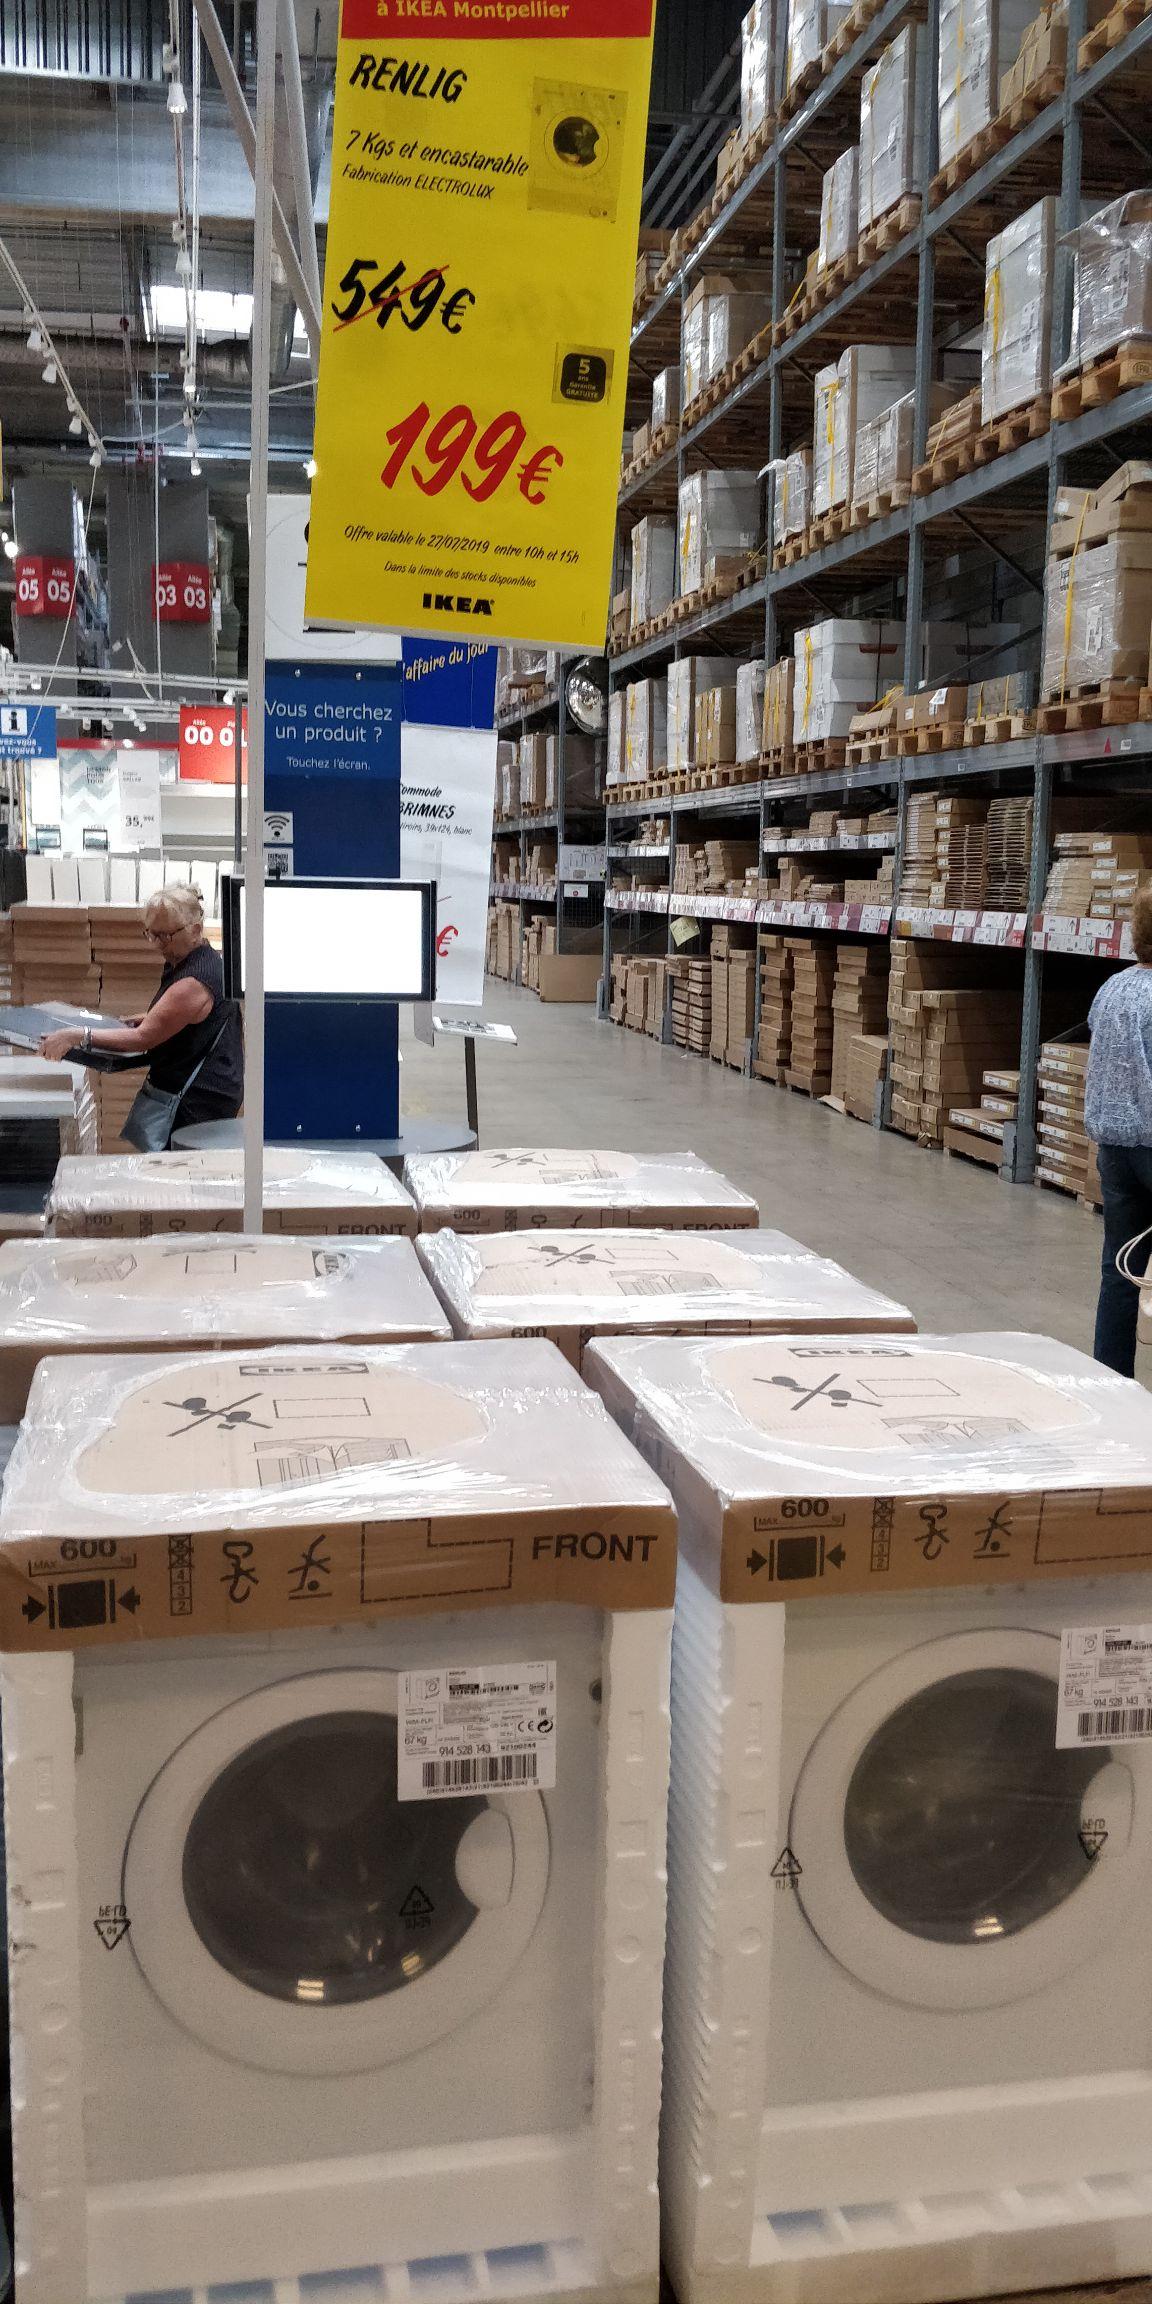 Lave linge Ikea Renlig - (Montpellier 34)